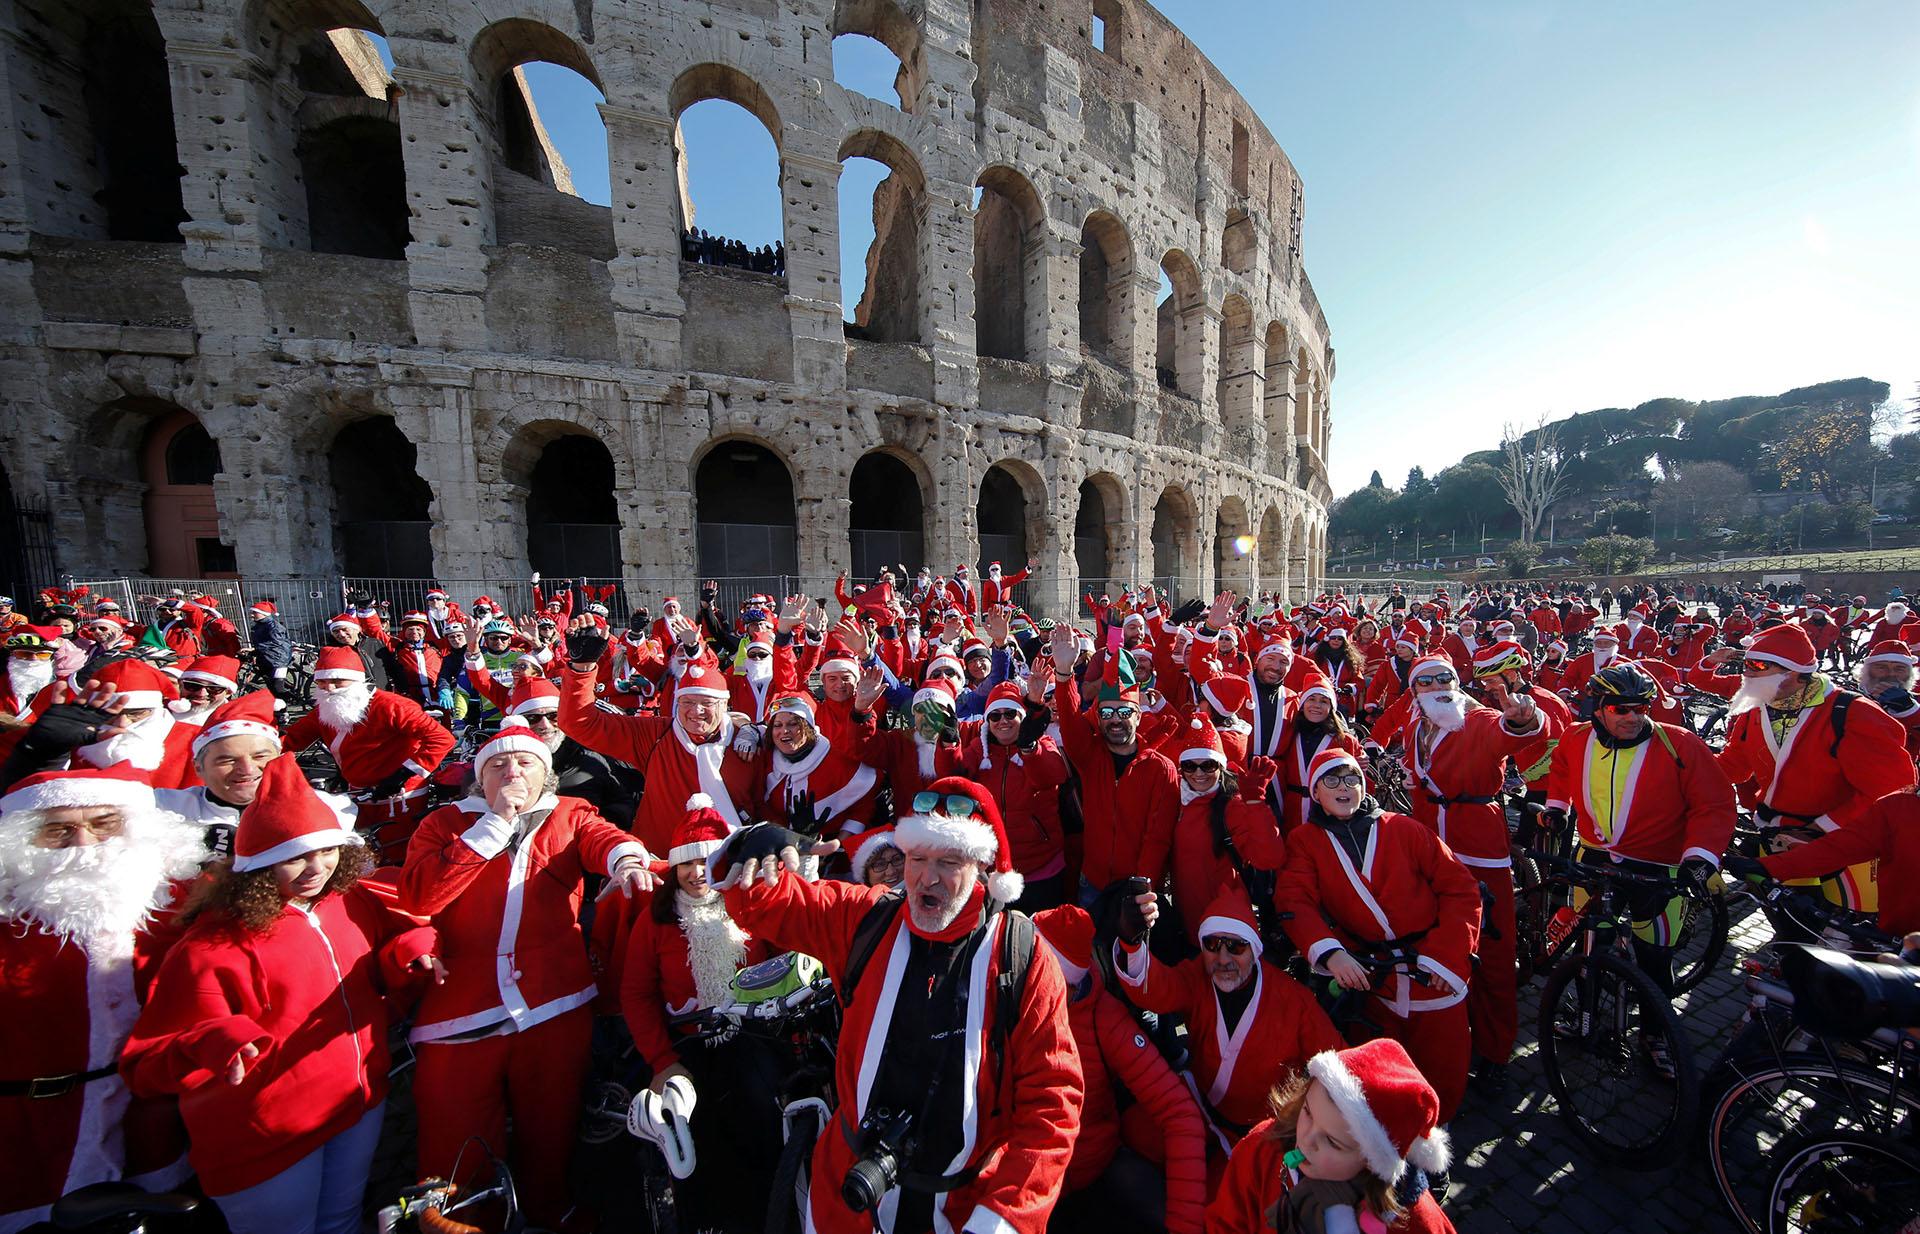 Más de cien ciclistas vestidos de Papá Noel se reúnen en el Coliseo de Roma, Italia, el 17 de diciembre de 2017. (Reuters)